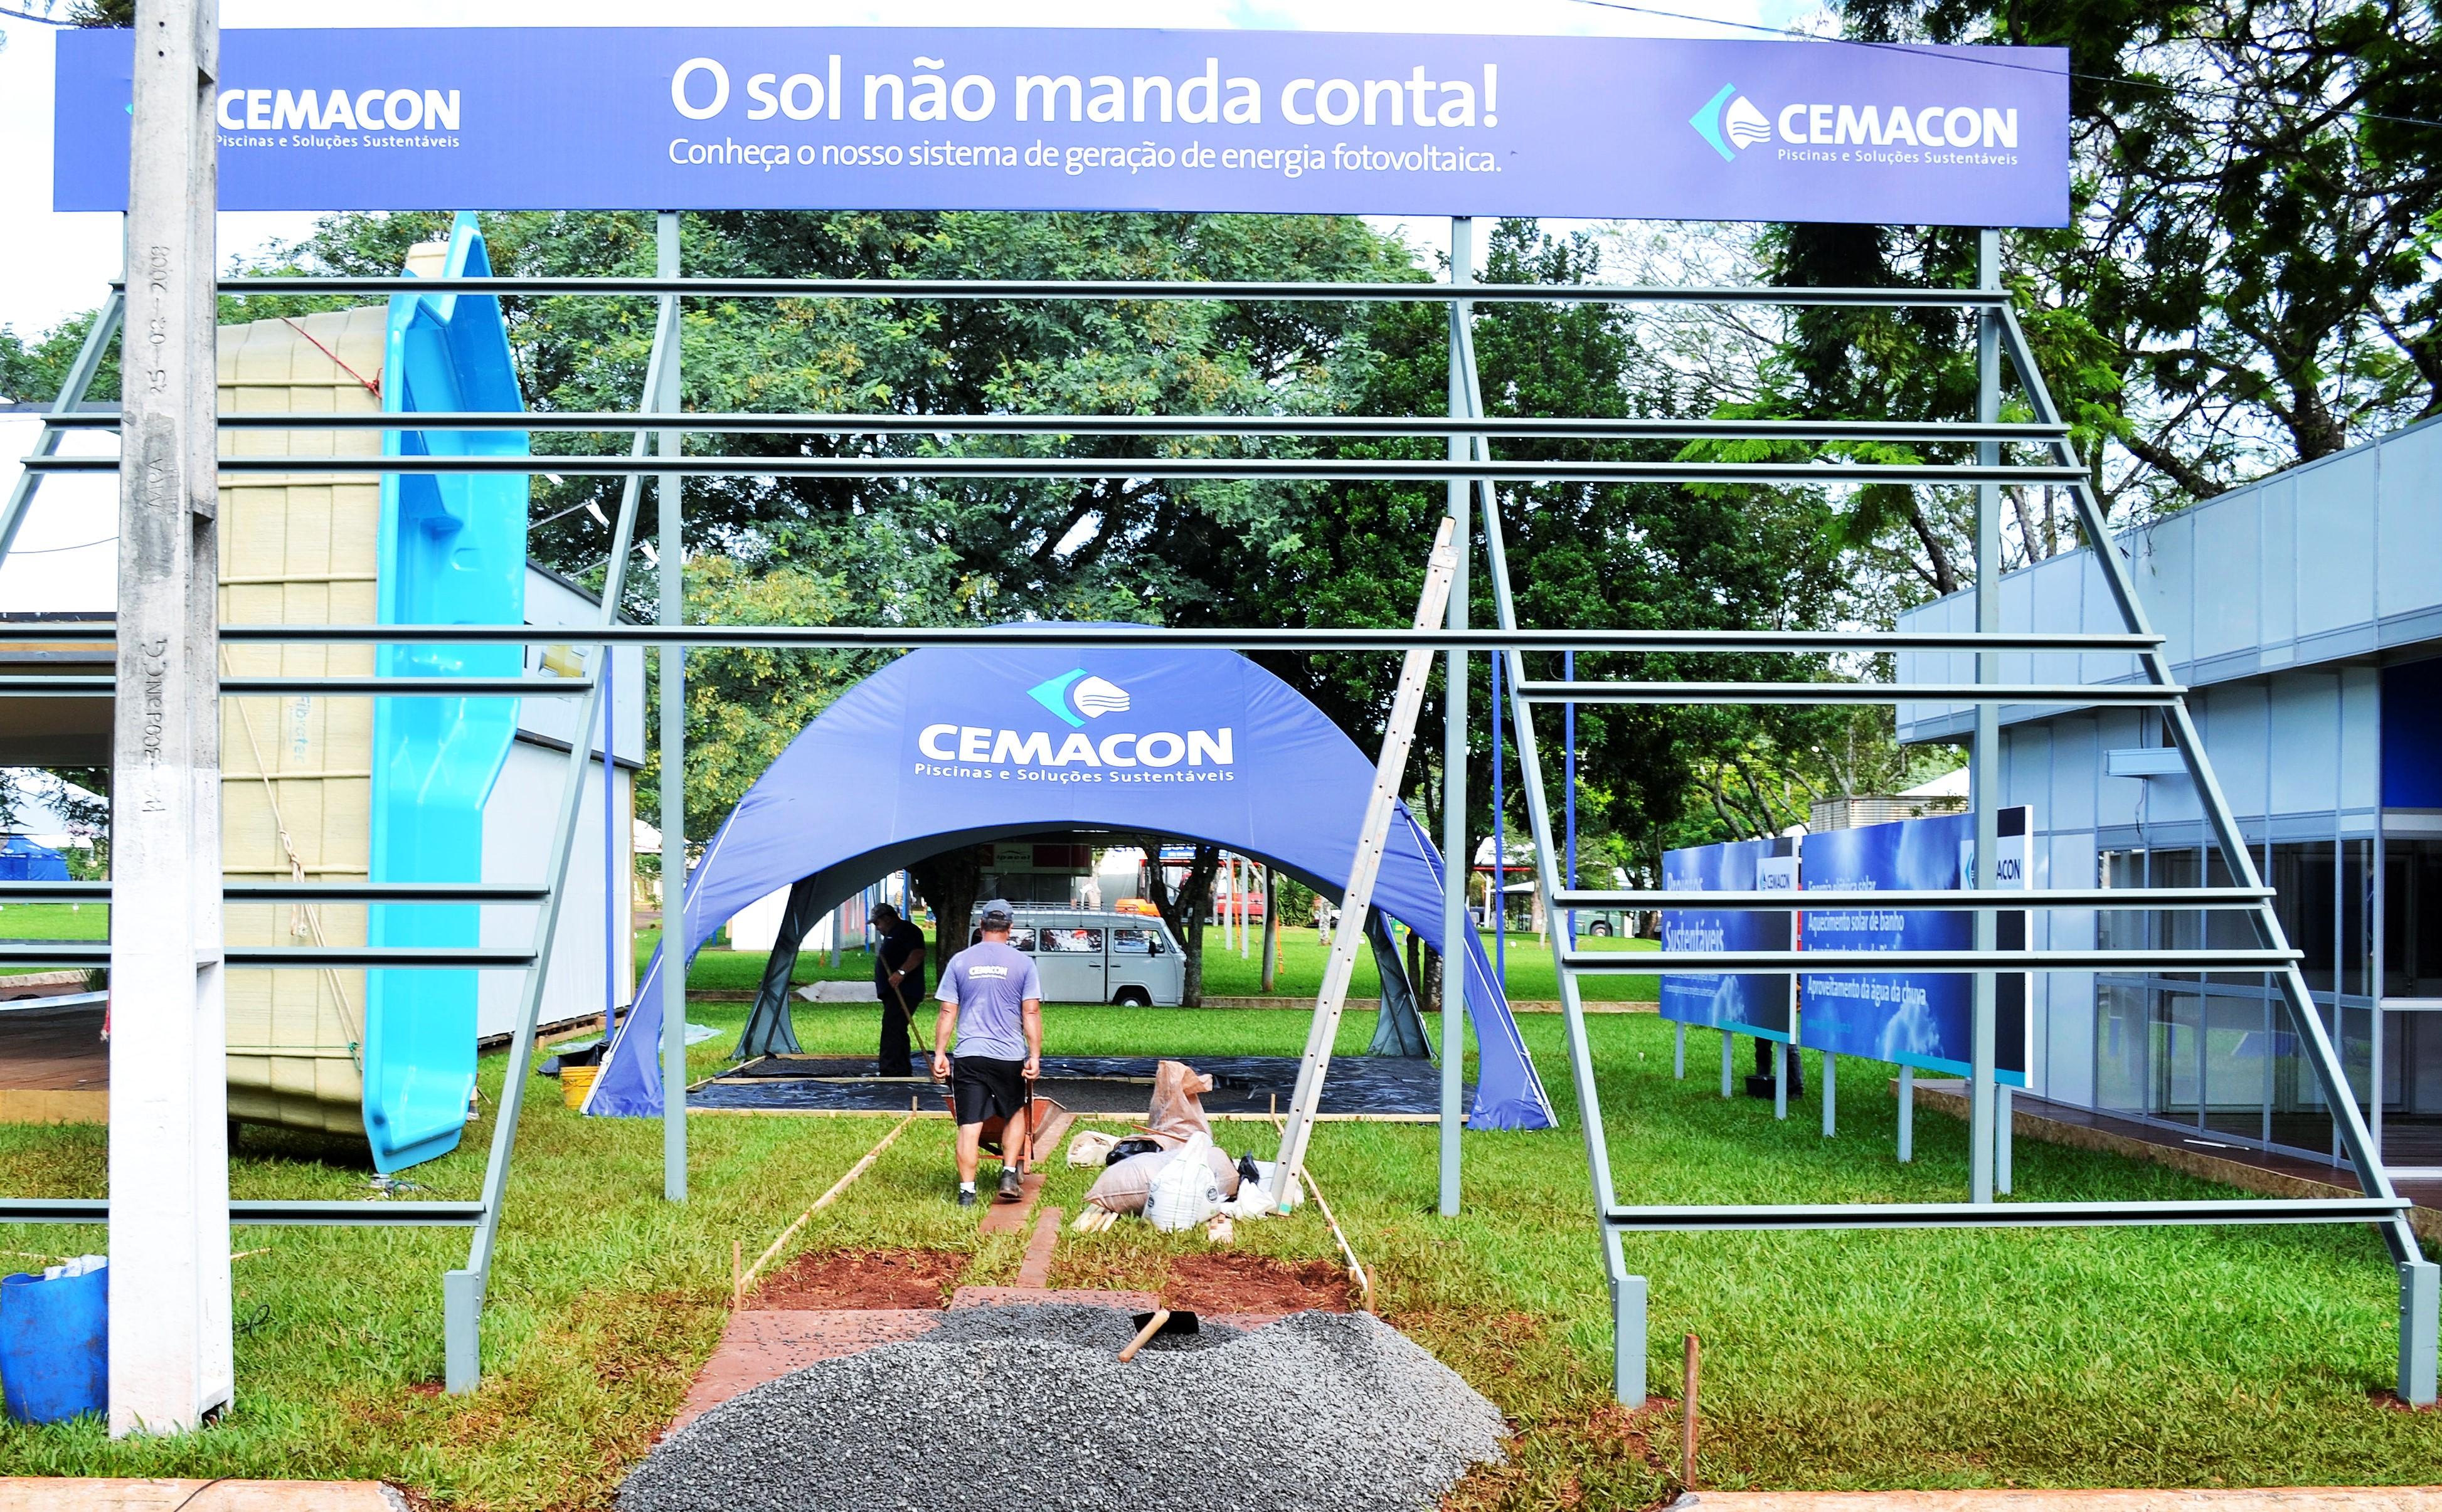 Estande da Cemacon sendo montado. Foto: Cemacon Piscinas e Soluções Sustentáveis